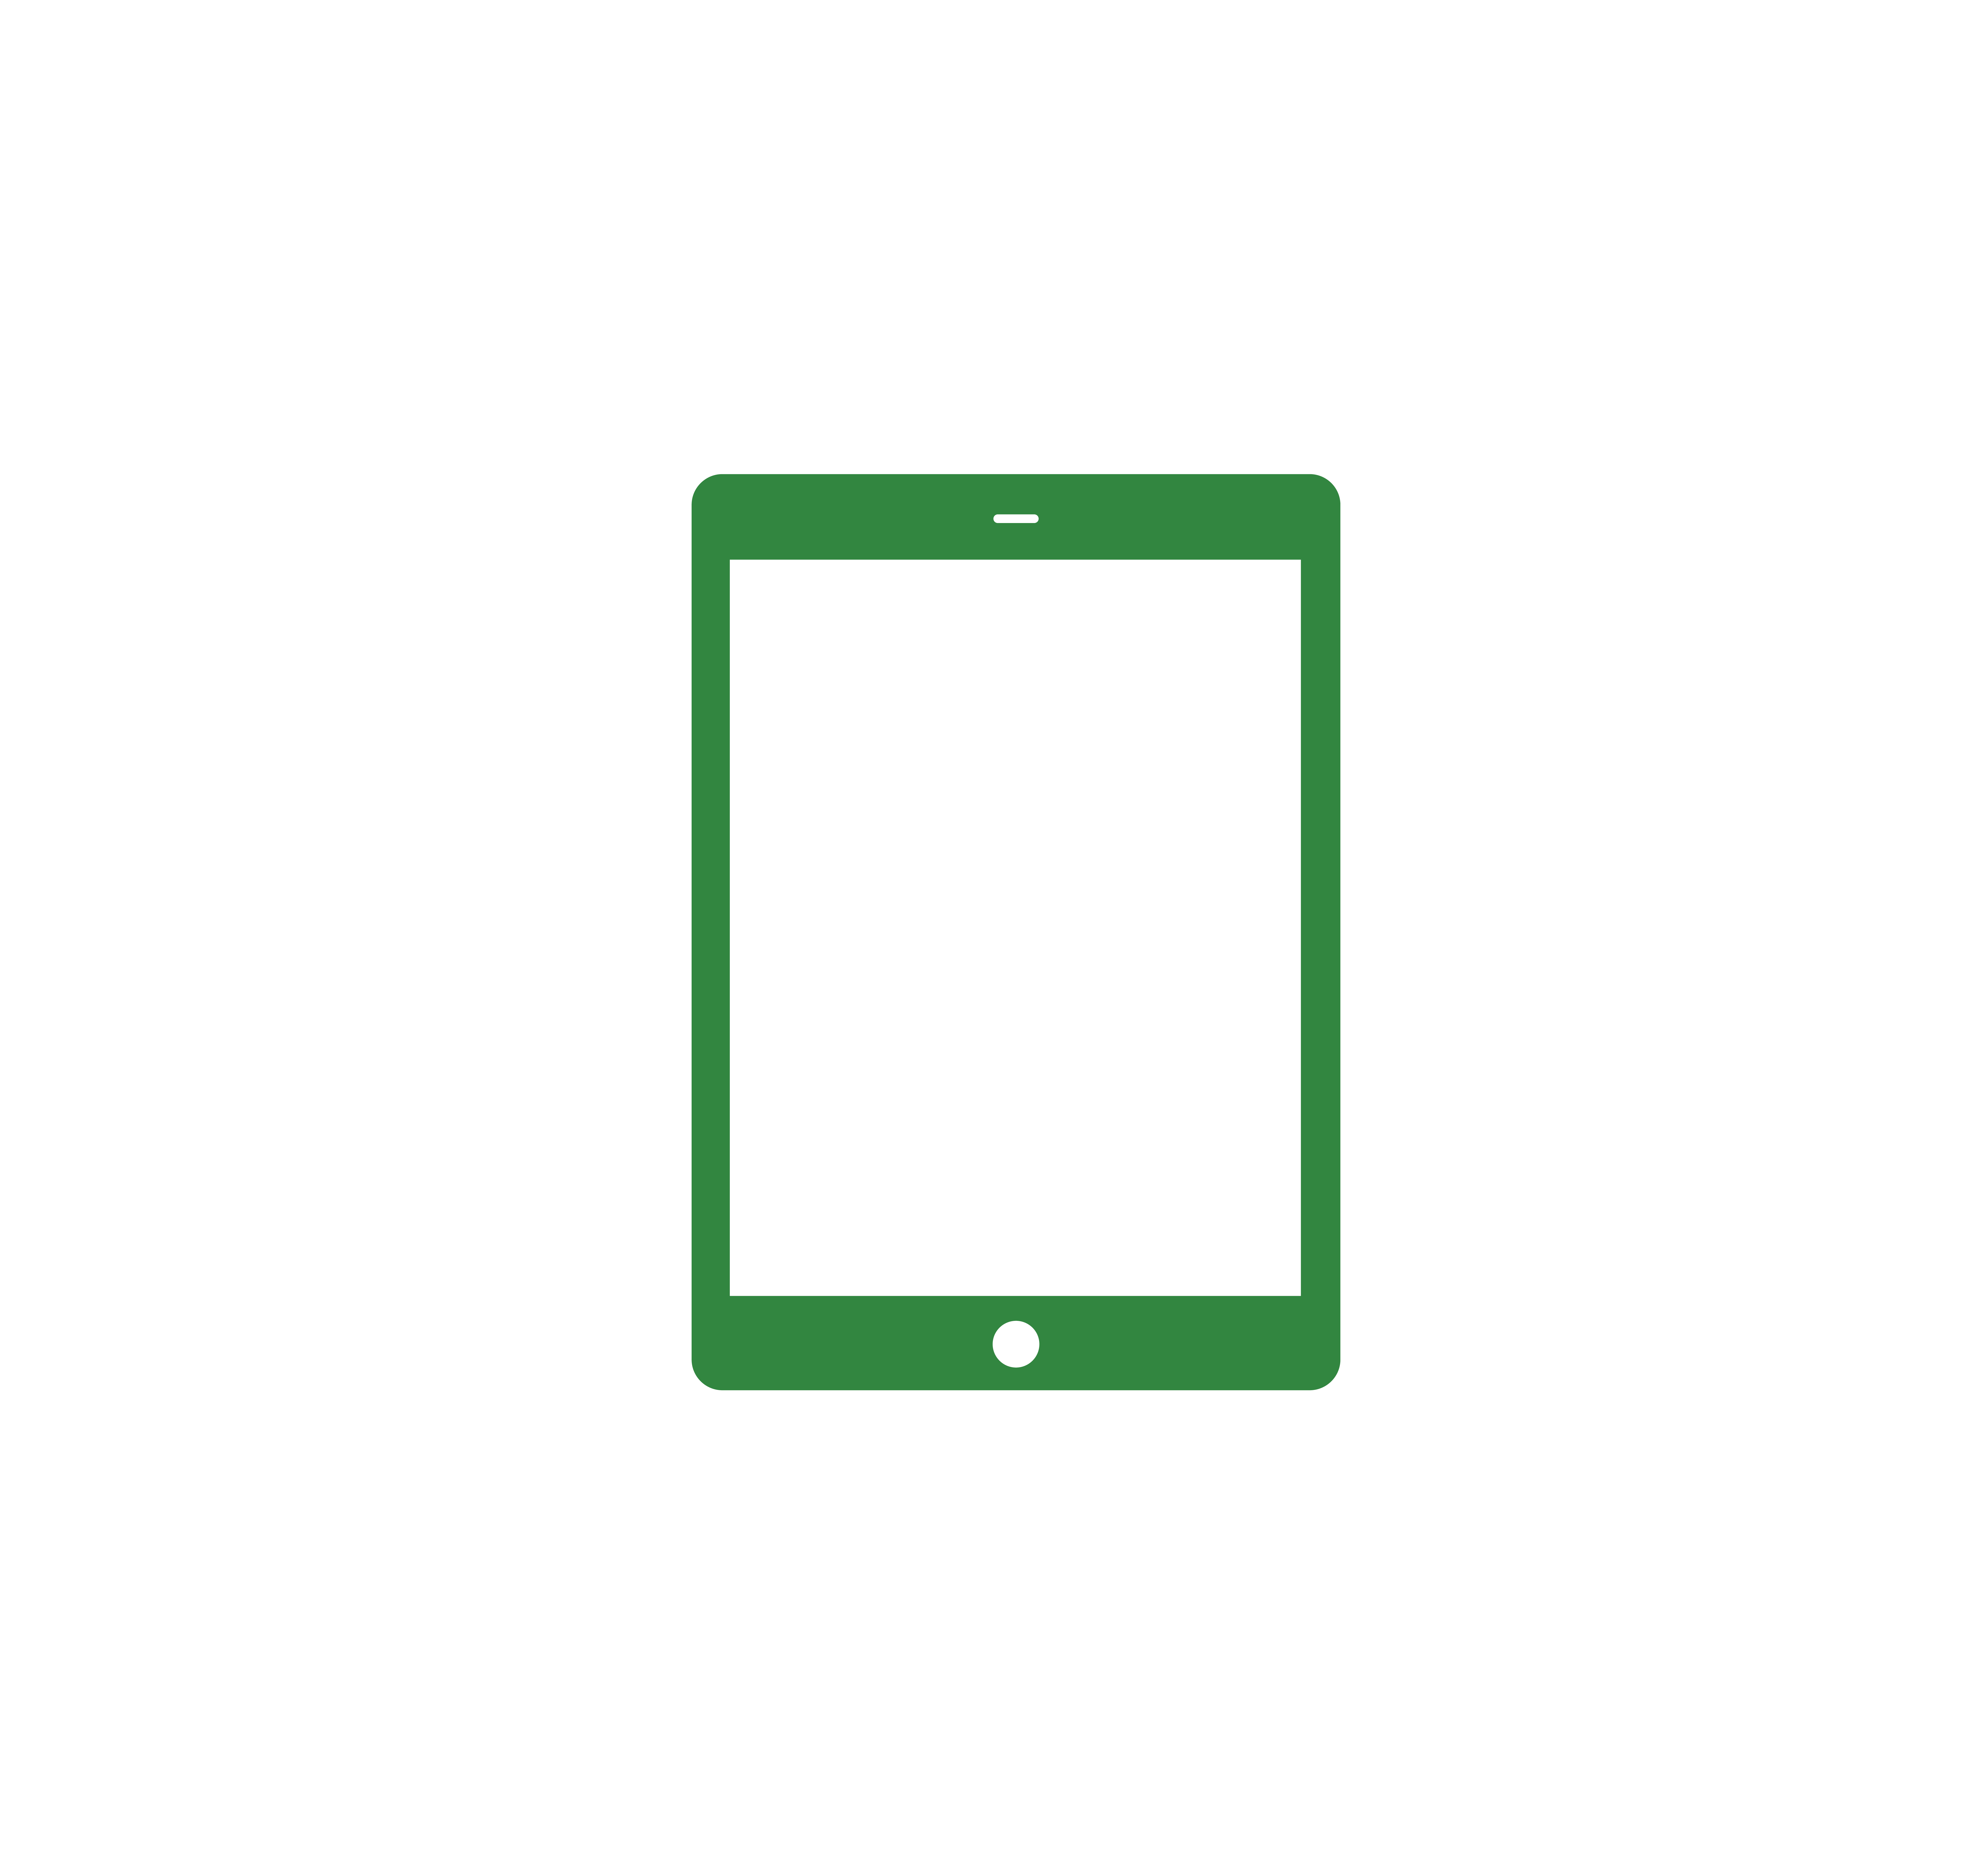 BTC ATM icon